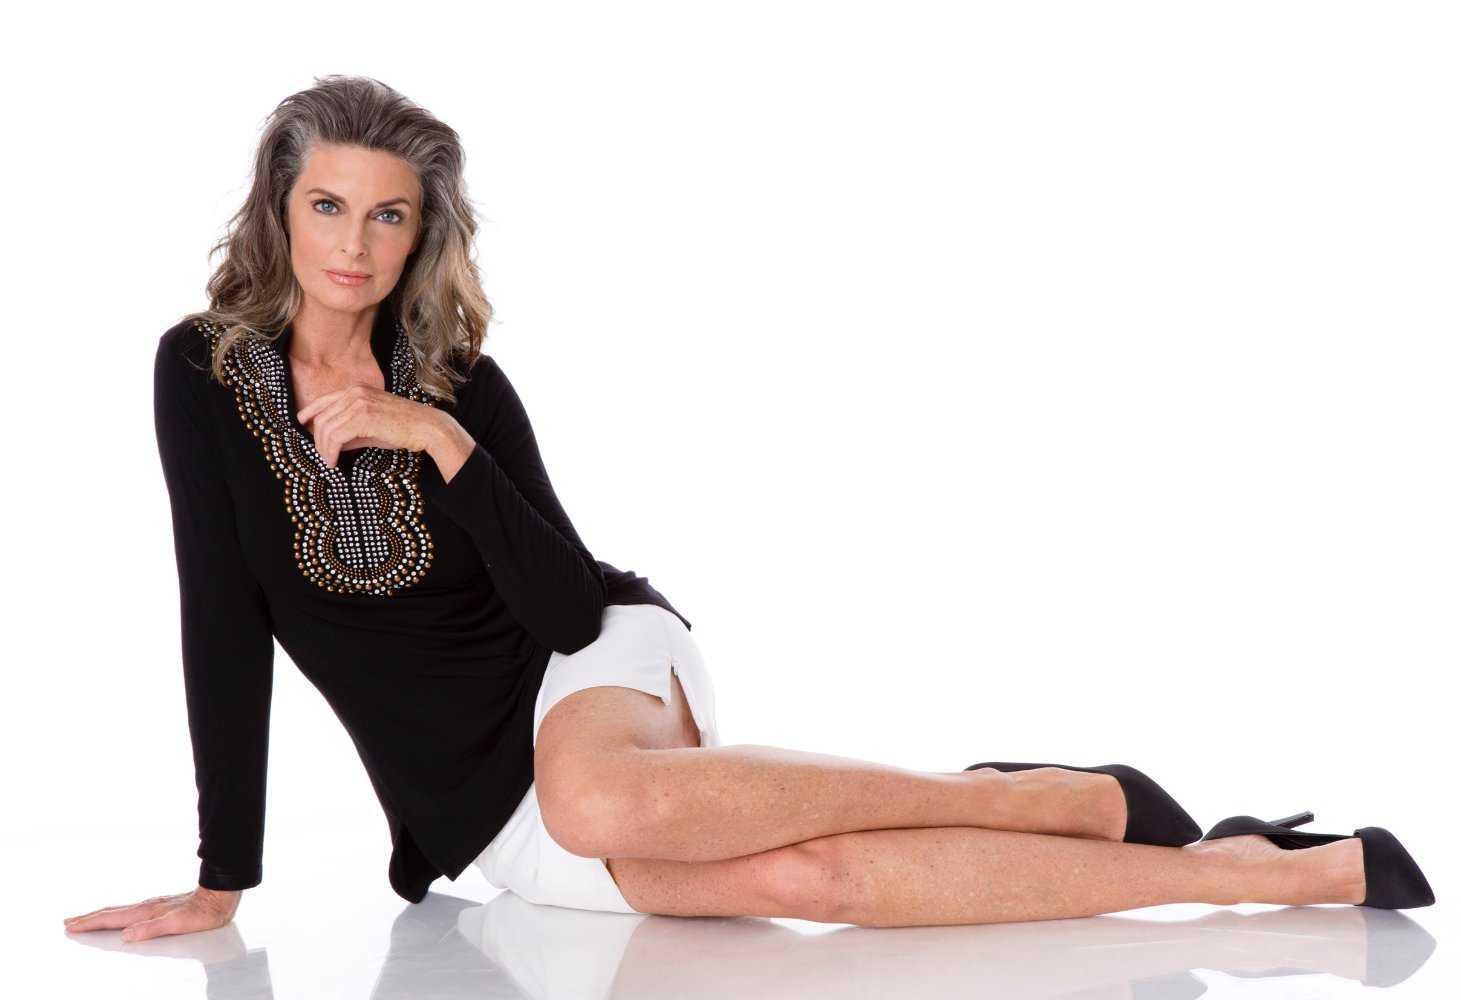 Joan Severance sexy photo (2)